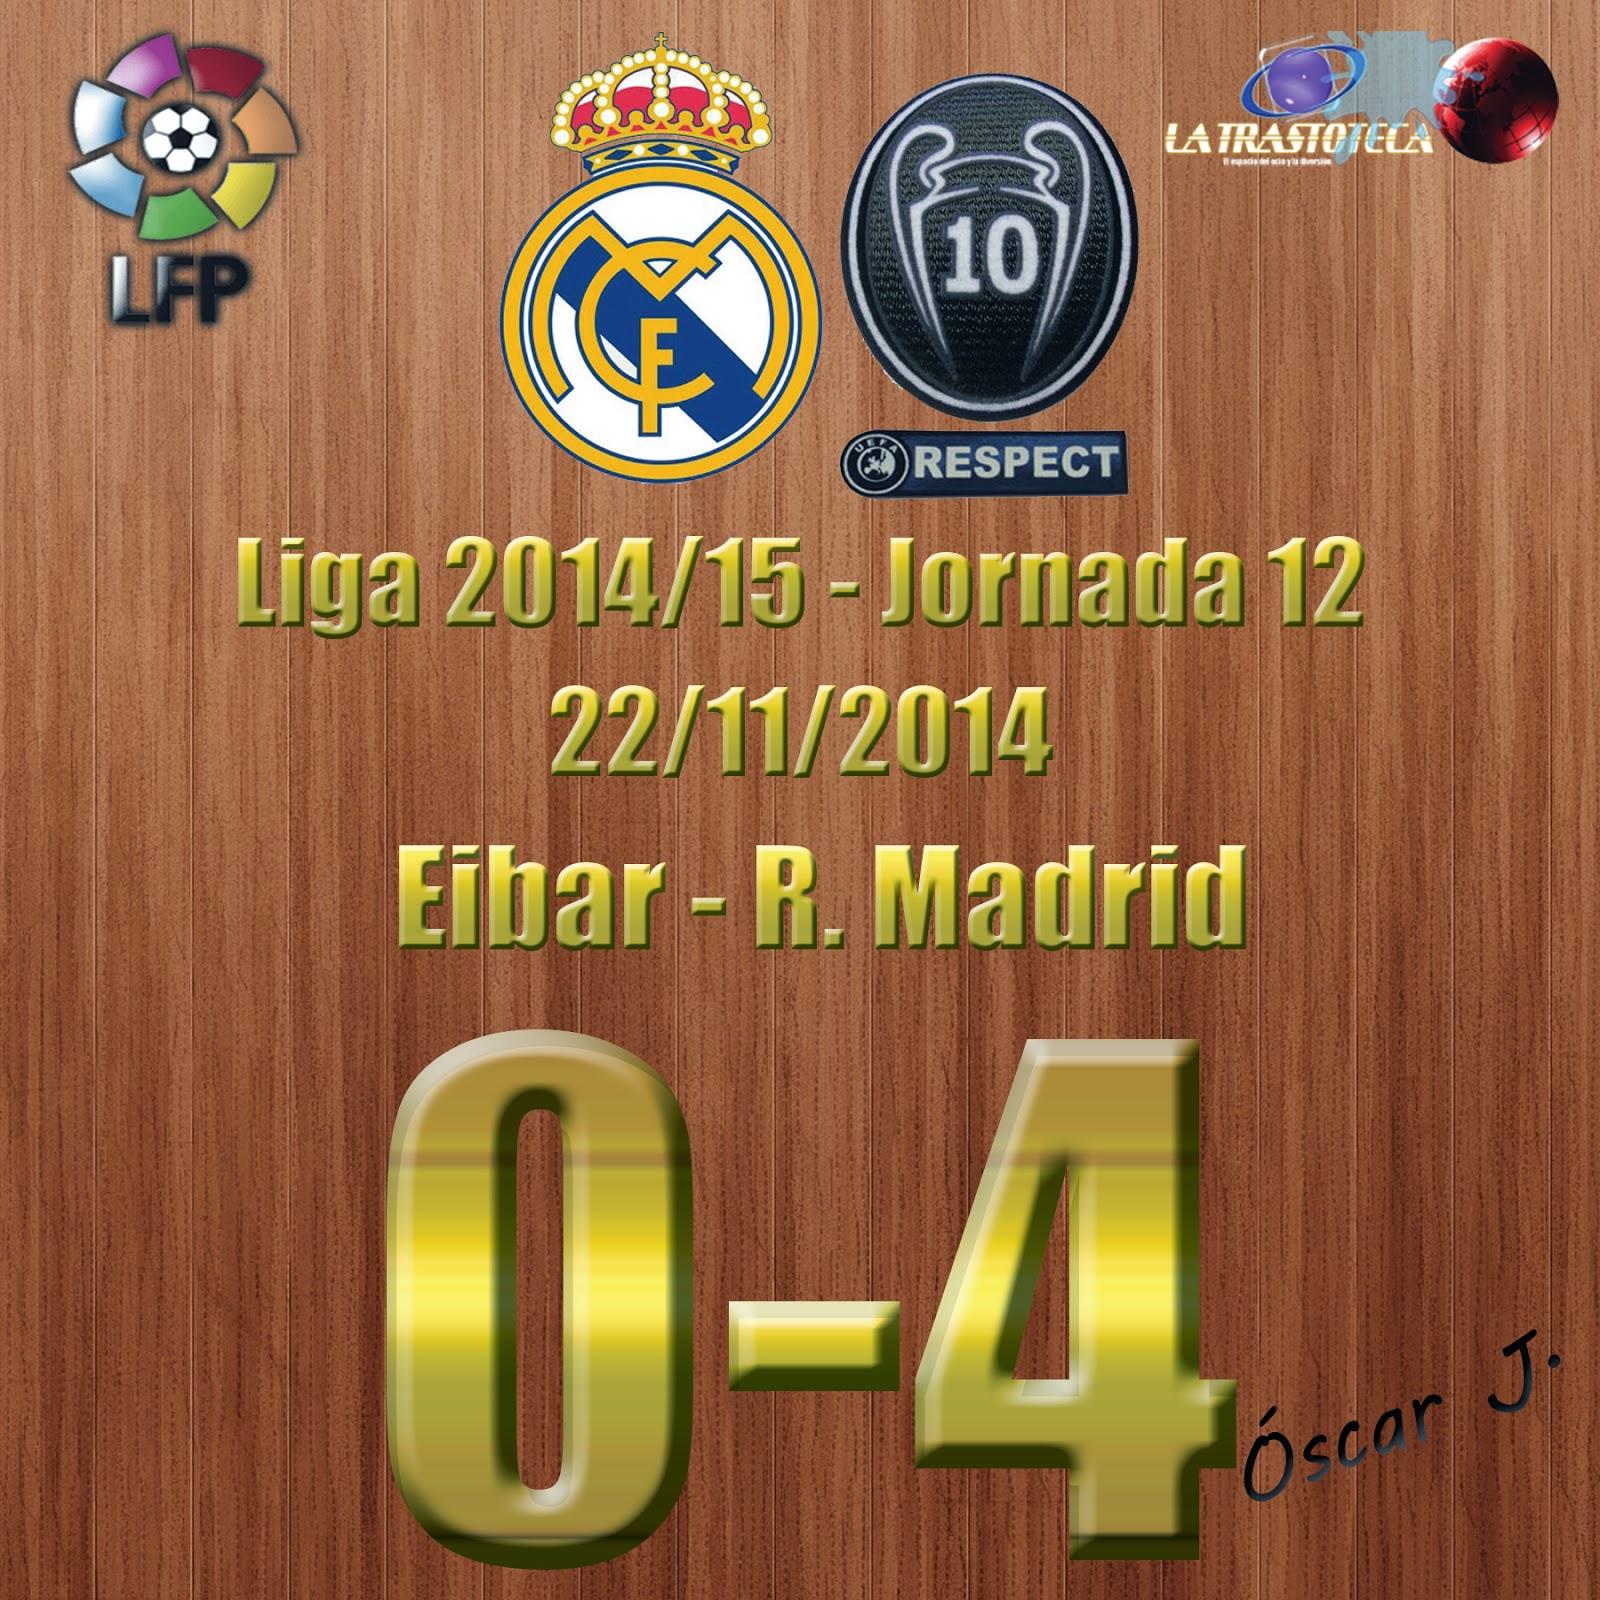 Eibar 0-4 Real Madrid. Liga 2014/15 - Jornada 12 (22/11/2014). Otro doblete de Cristiano Ronaldo